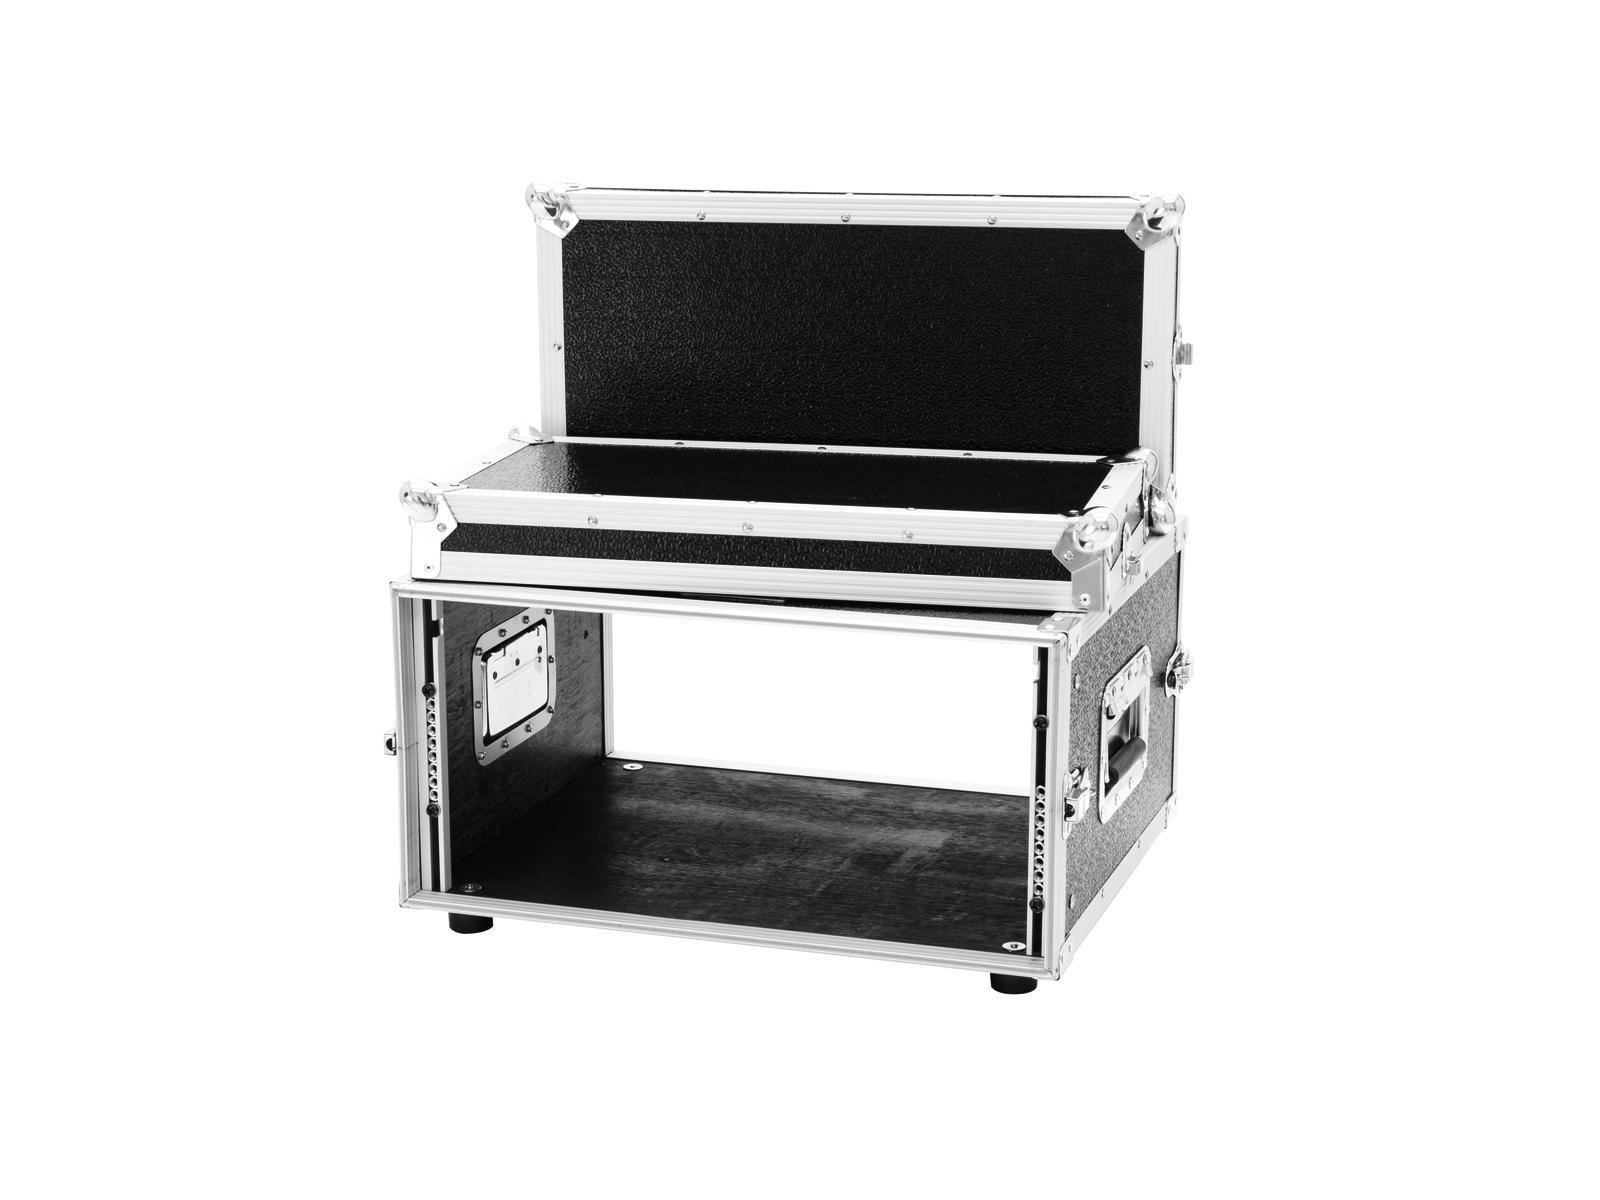 Flight case Rack Per il trasporto Di amplificatori CO DD, 5U, 40cm ROADINGER Ner